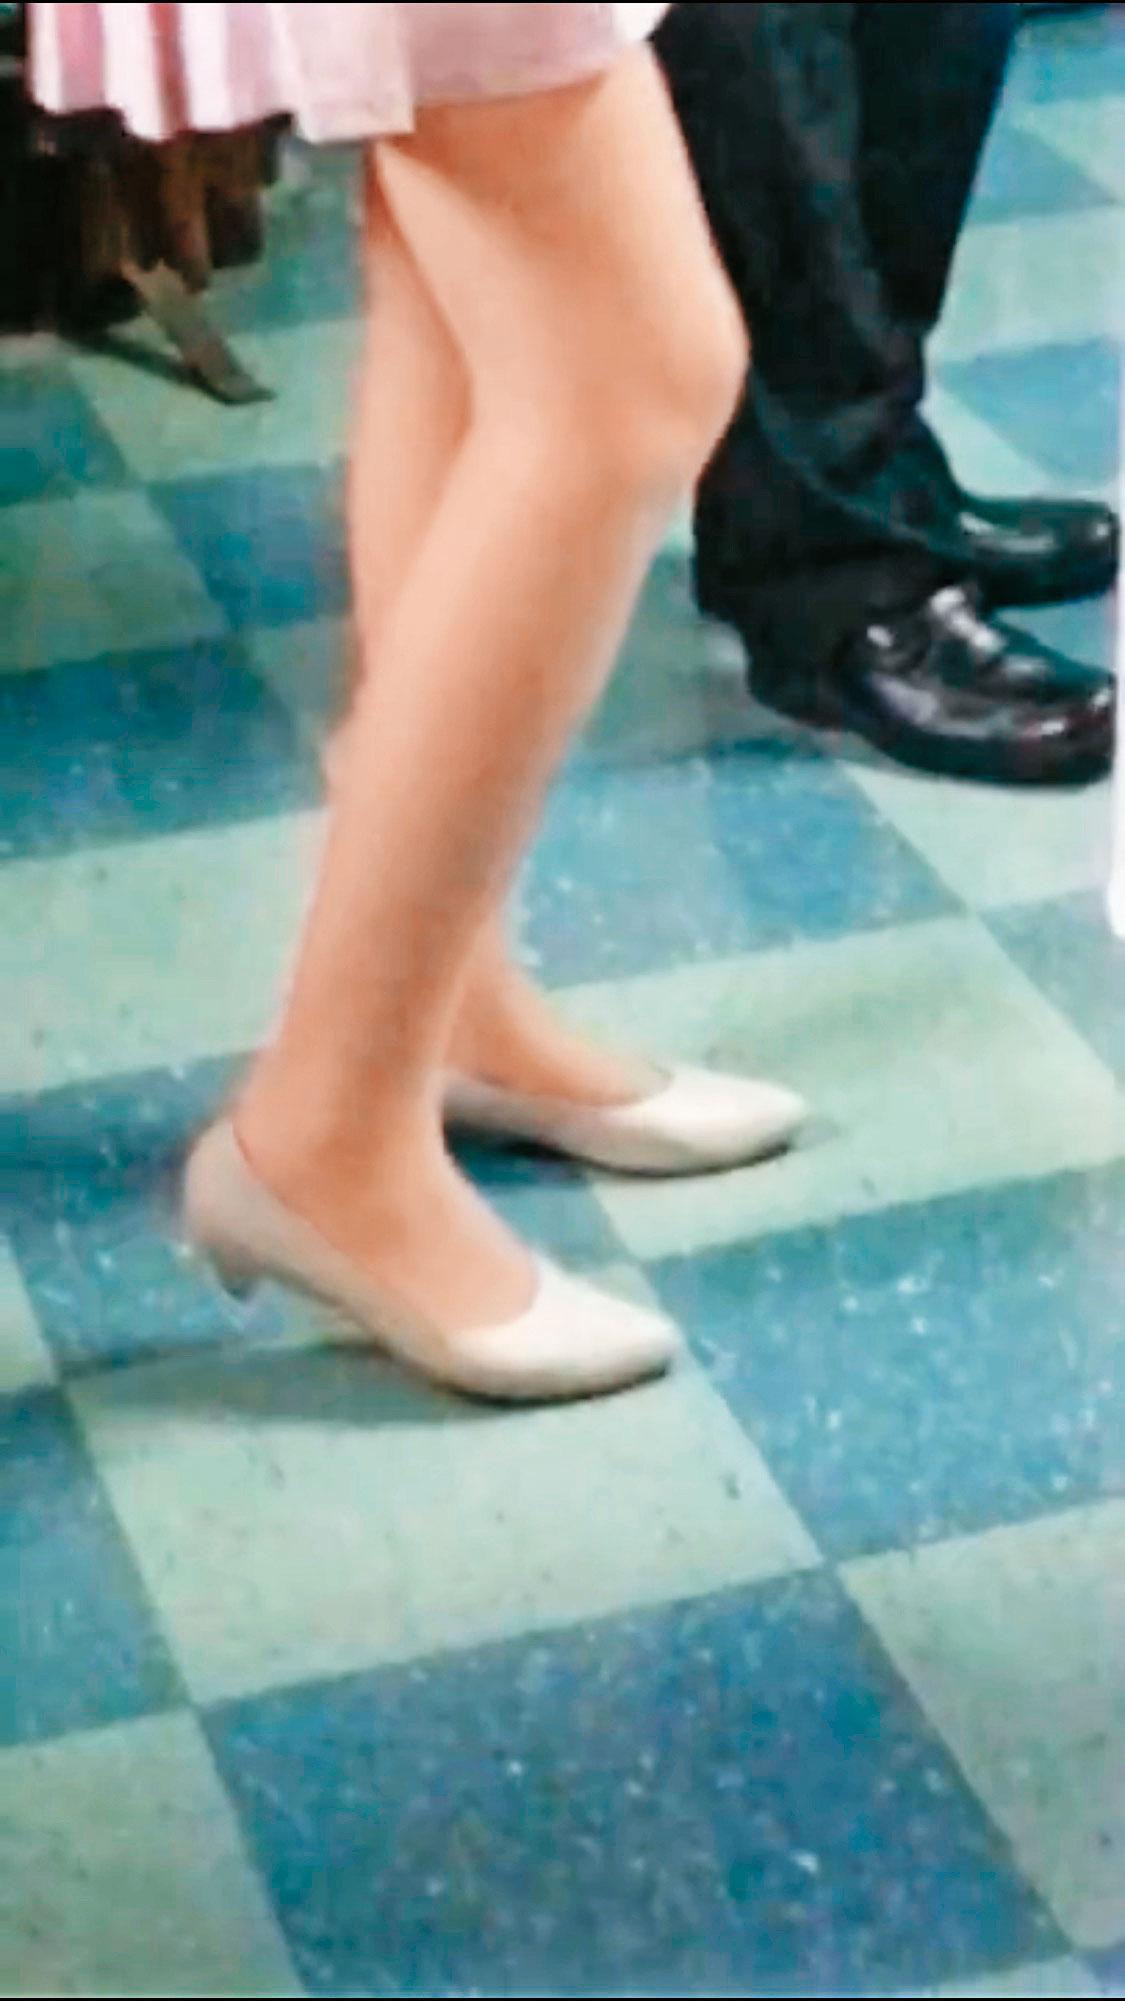 黃姓公務員用手機偷拍穿著短裙的女公務員美腿,司法單位仍在調查有無涉及刑責。